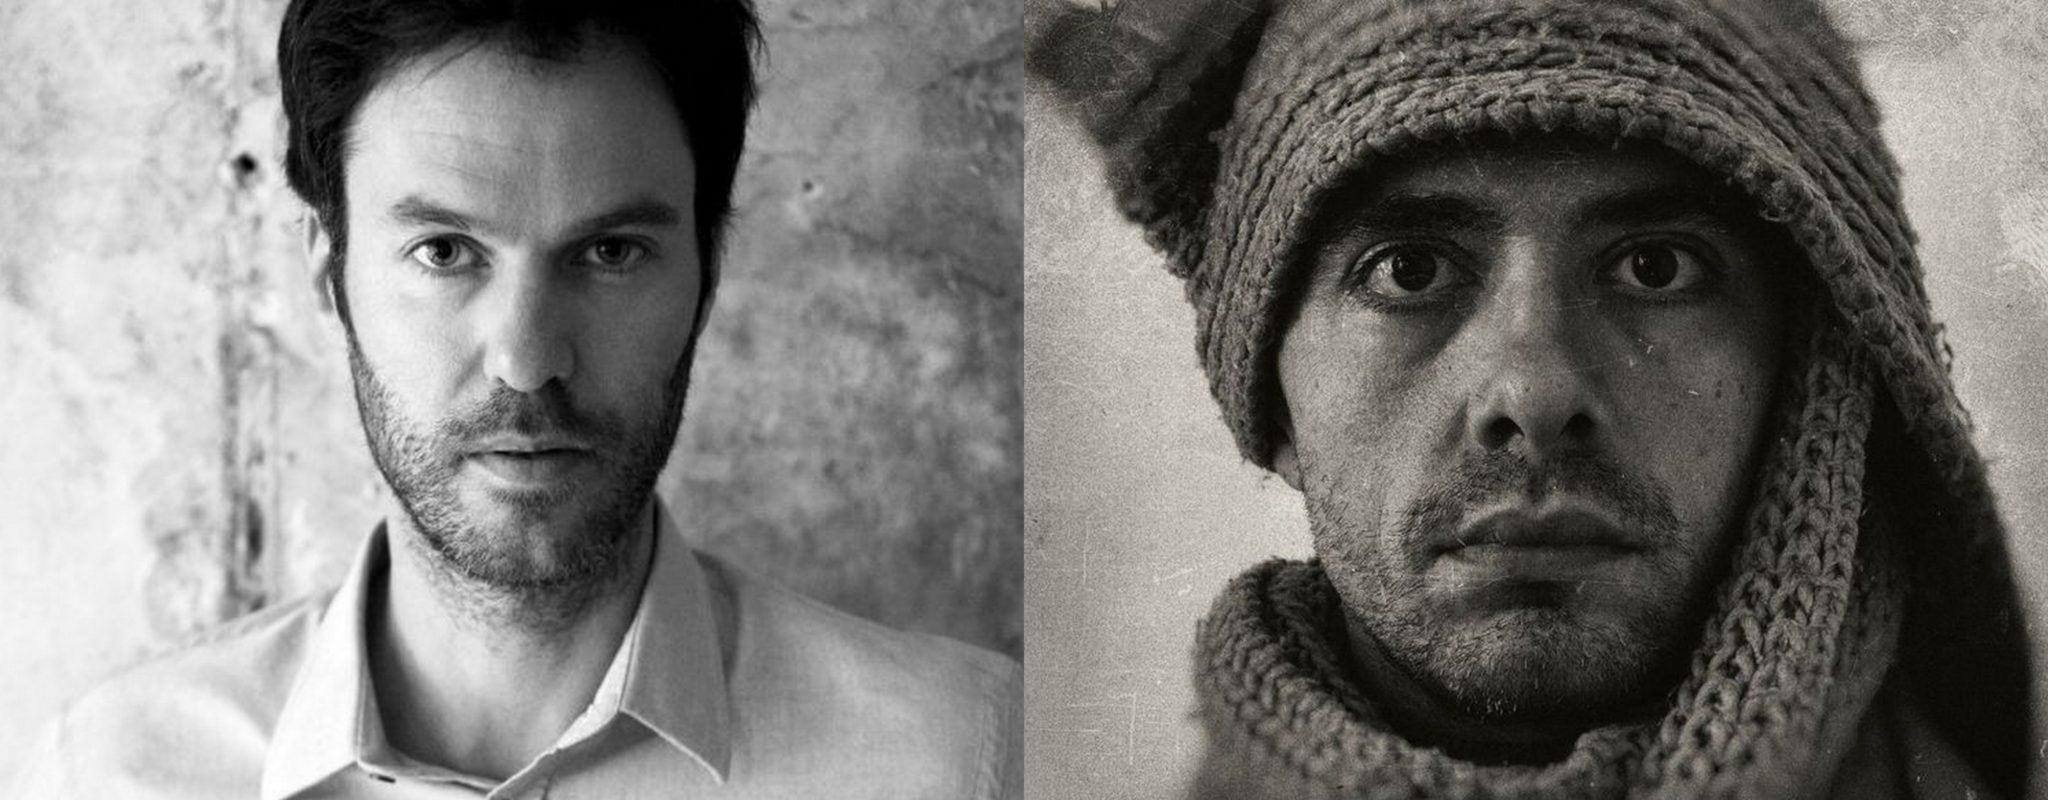 Concert création de Piers Faccini et Gregory Dargent au Cheval Blanc samedi : sublime voyage en perspective